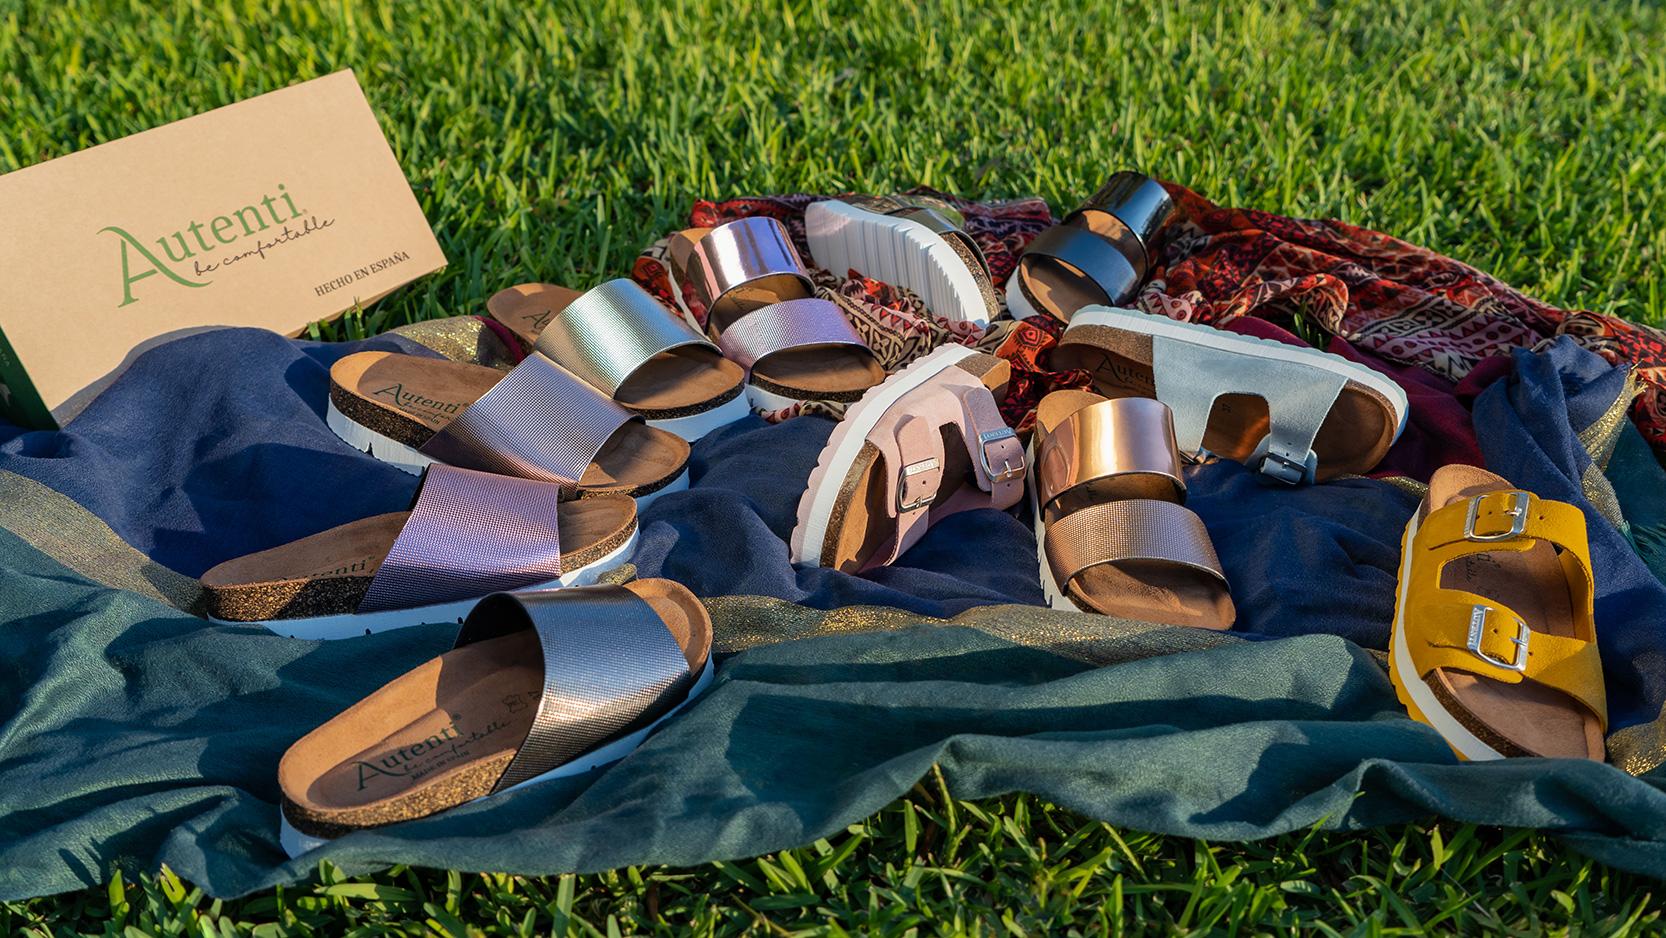 Photographie de produit pour la marque de chaussure d'Elche Autenti